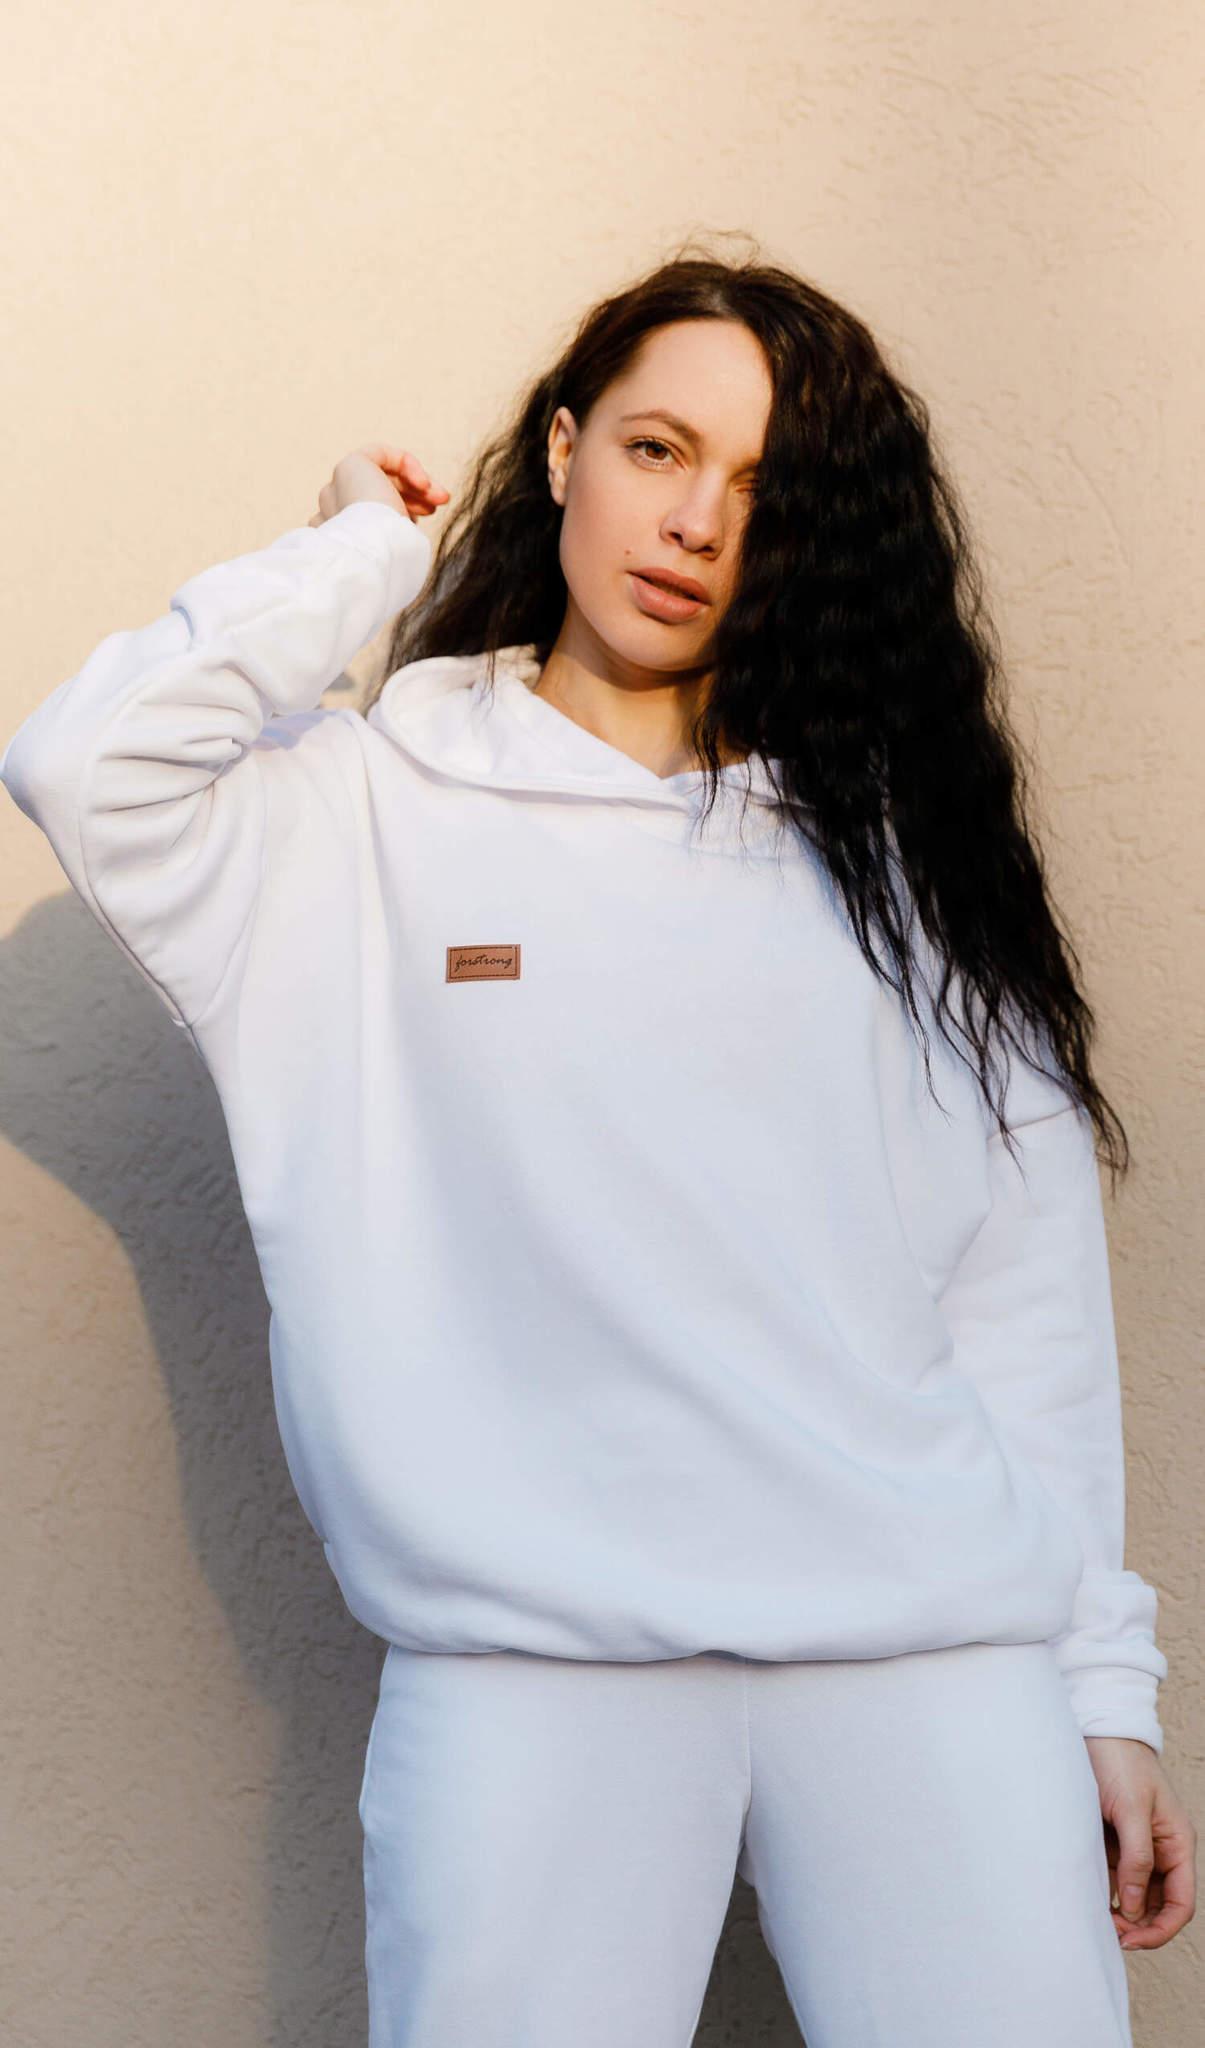 Белая сопртивная толстовка для девушки - Forstrong Basic Oversize